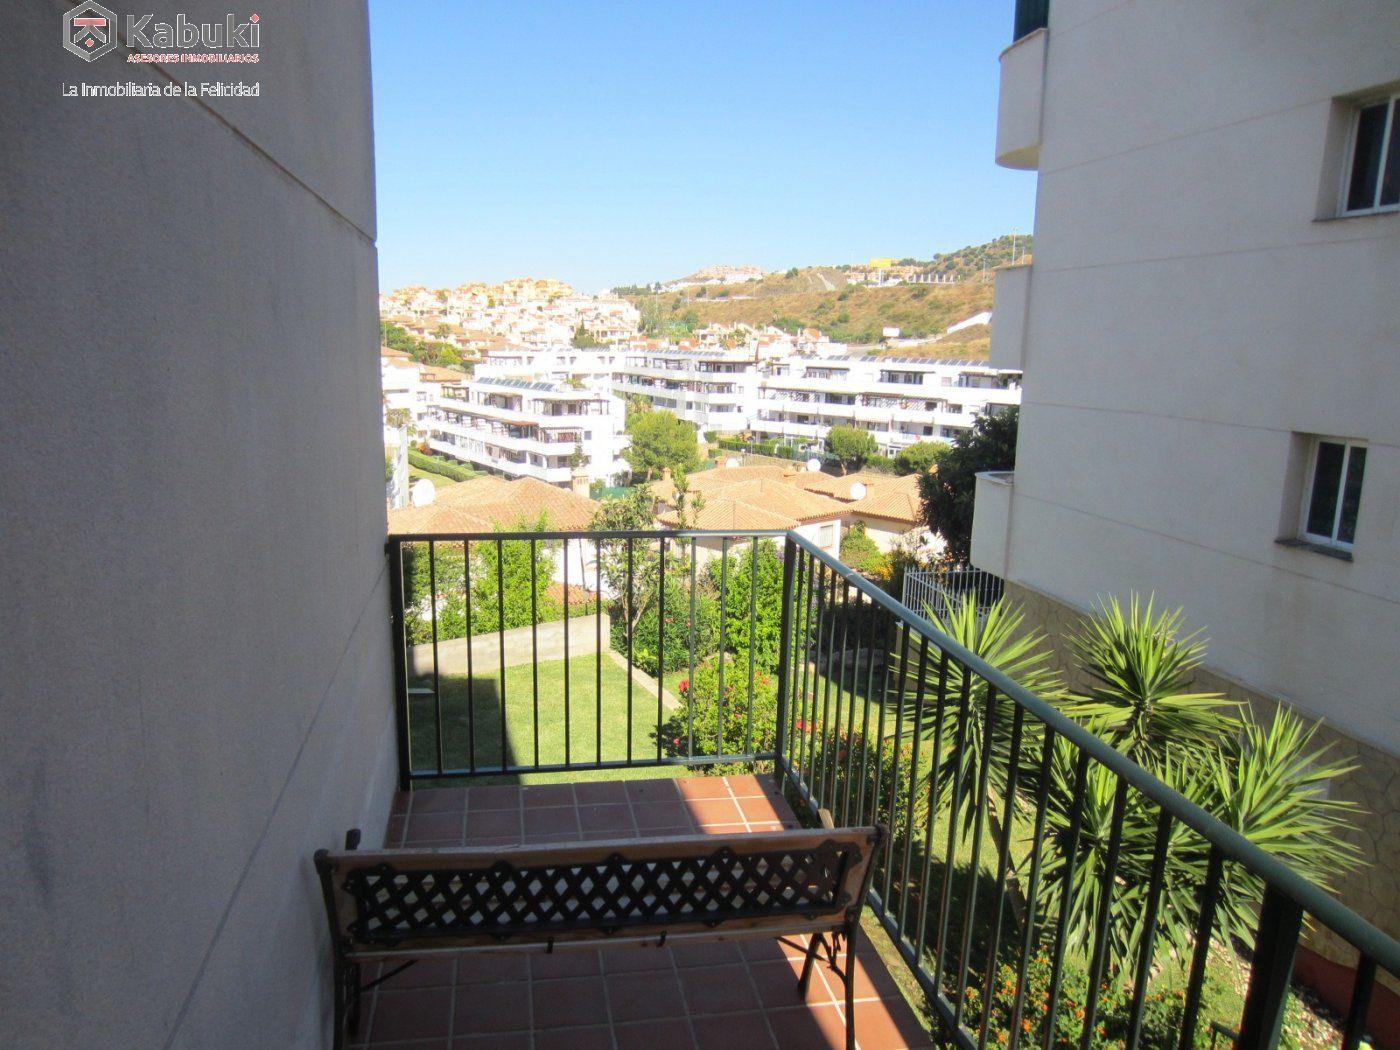 Coqueto apartamento en mijas, a un paso del mar. en urbanización con piscina. - imagenInmueble21